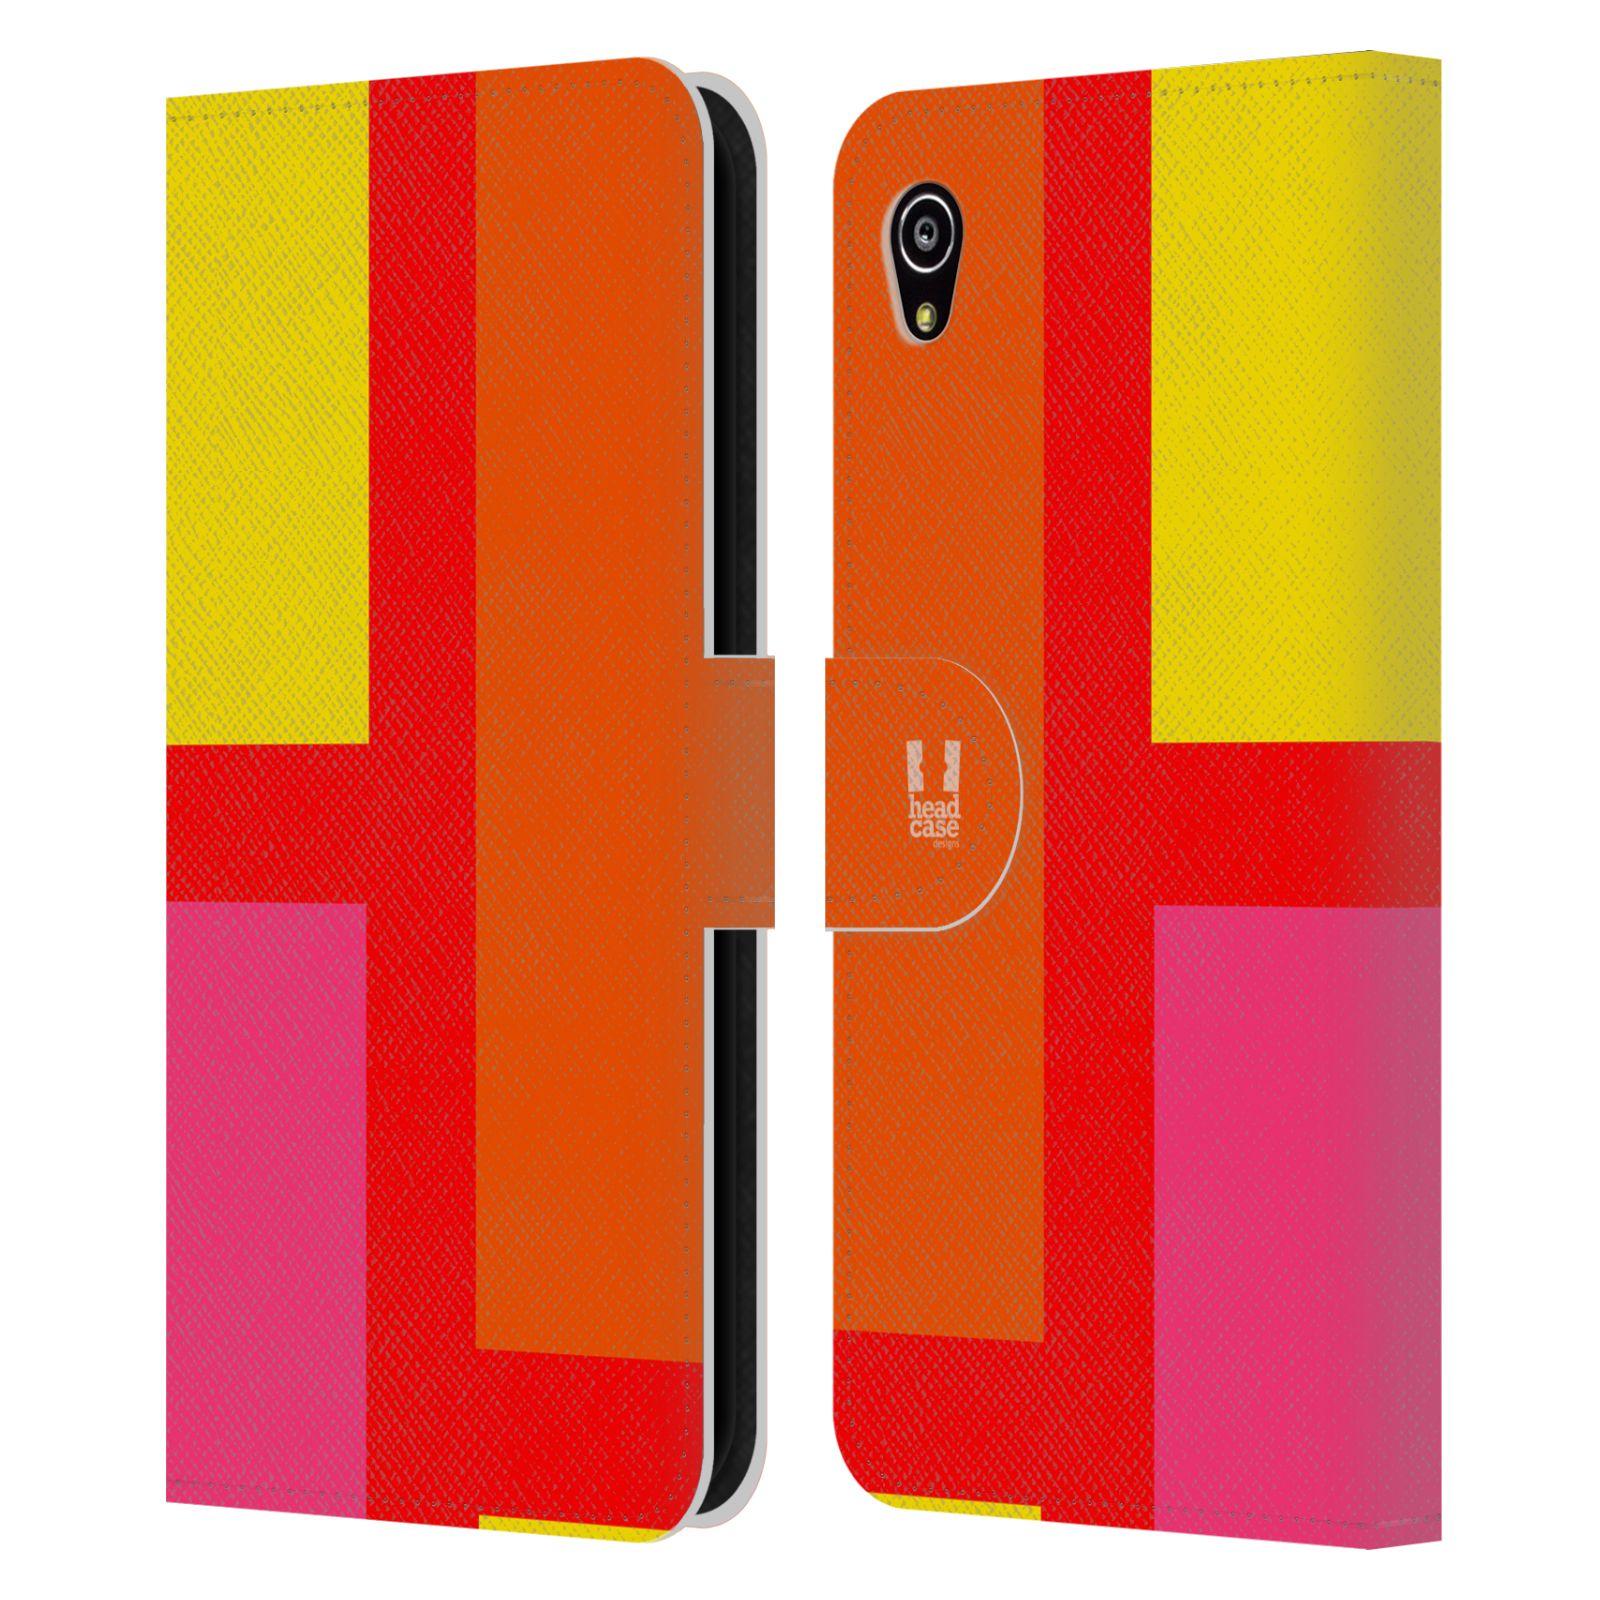 HEAD CASE Flipové pouzdro pro mobil SONY Xperia M4 Aqua barevné tvary oranžová ulice